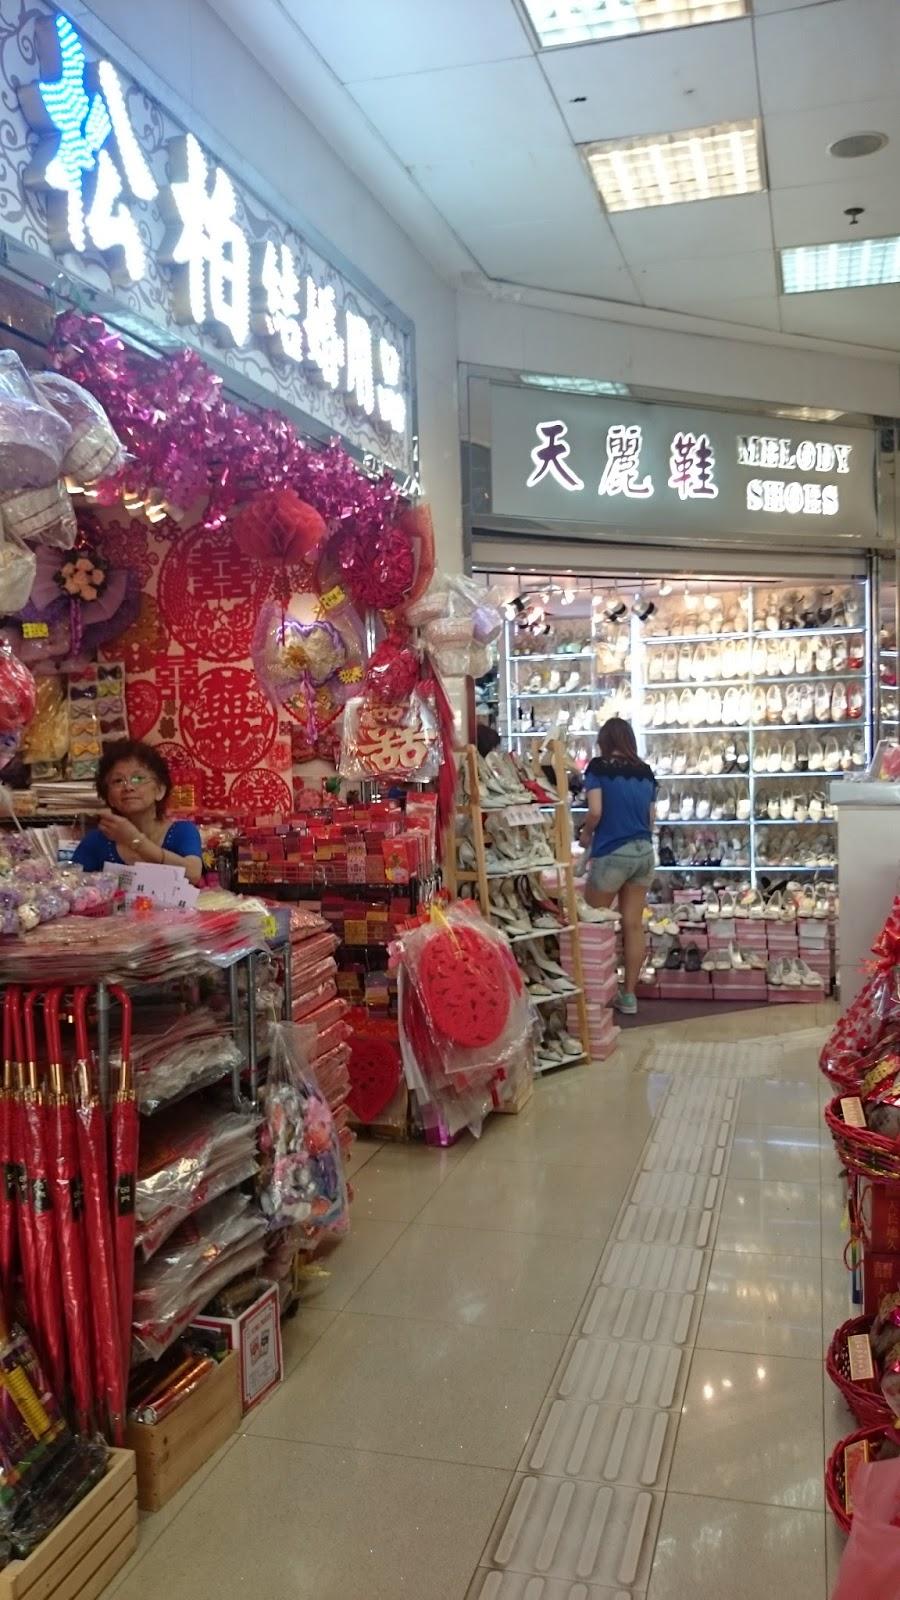 香港魂: 結婚式のための金都商場